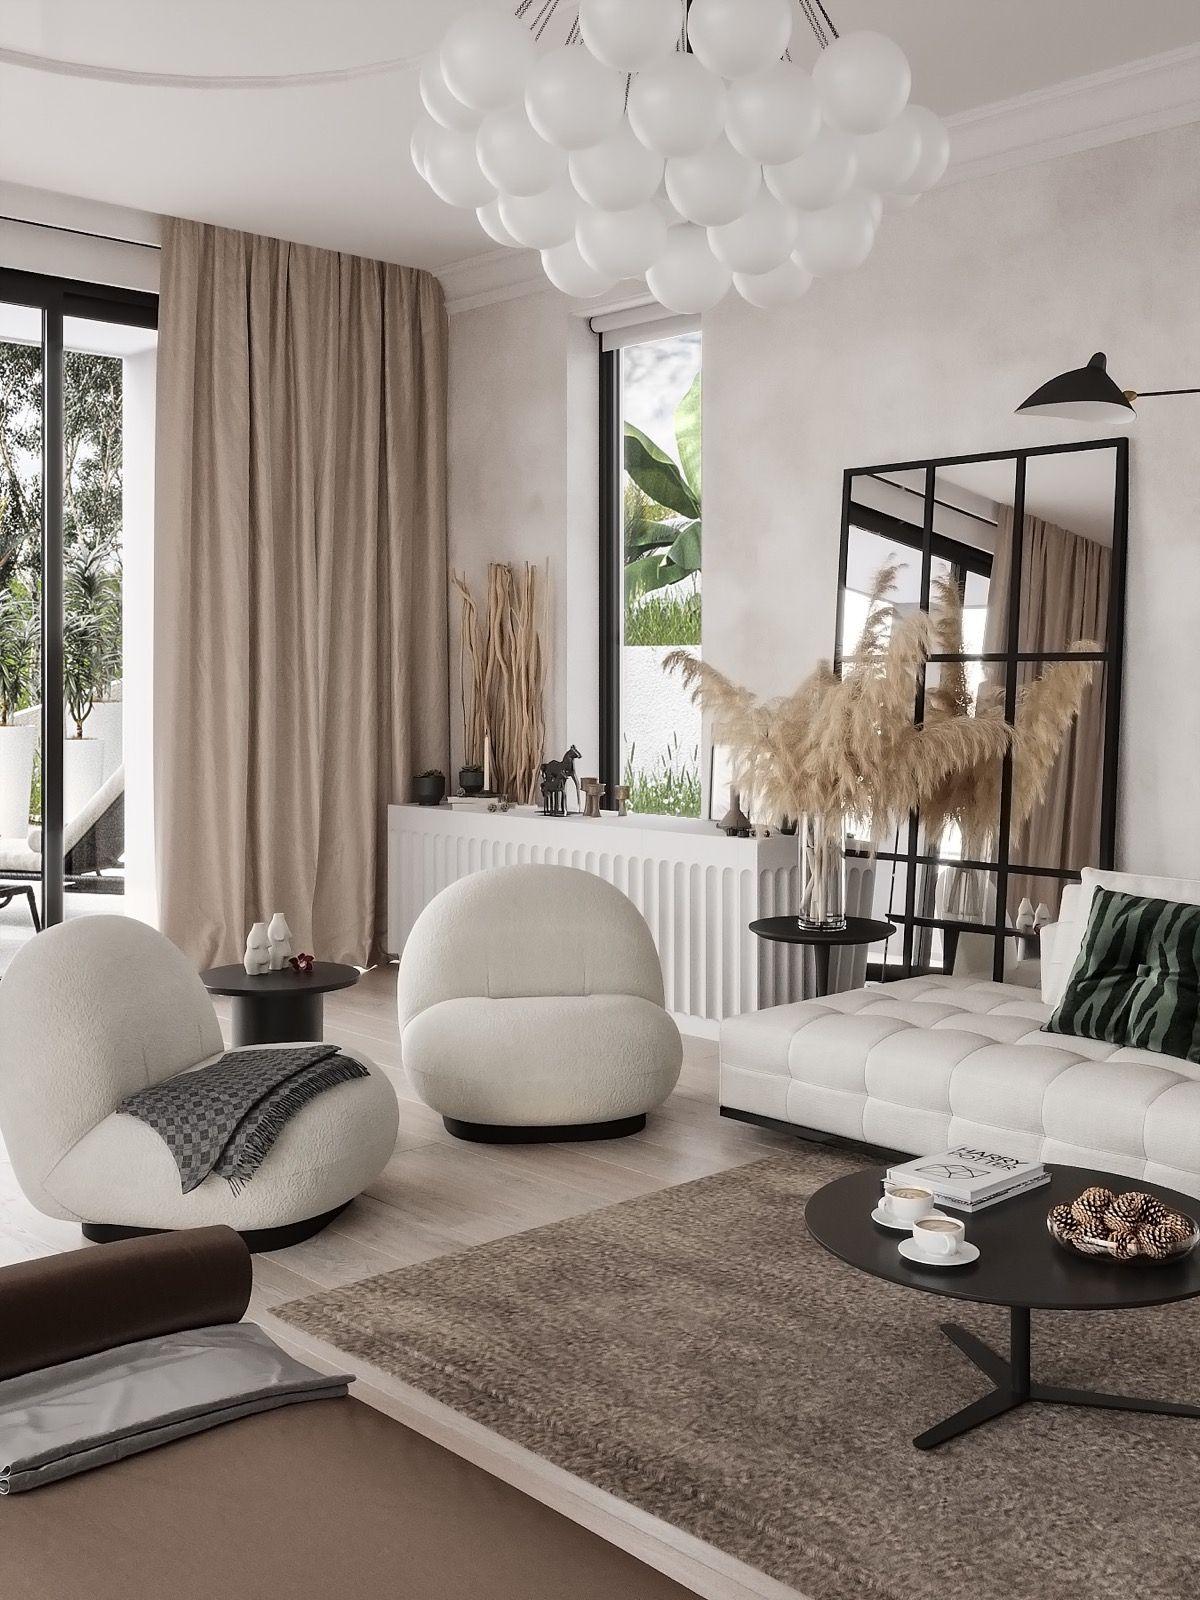 canapé matelassé fauteuil blanc tapis marron herbes de la pampa salon contemporain épuré déco intérieure